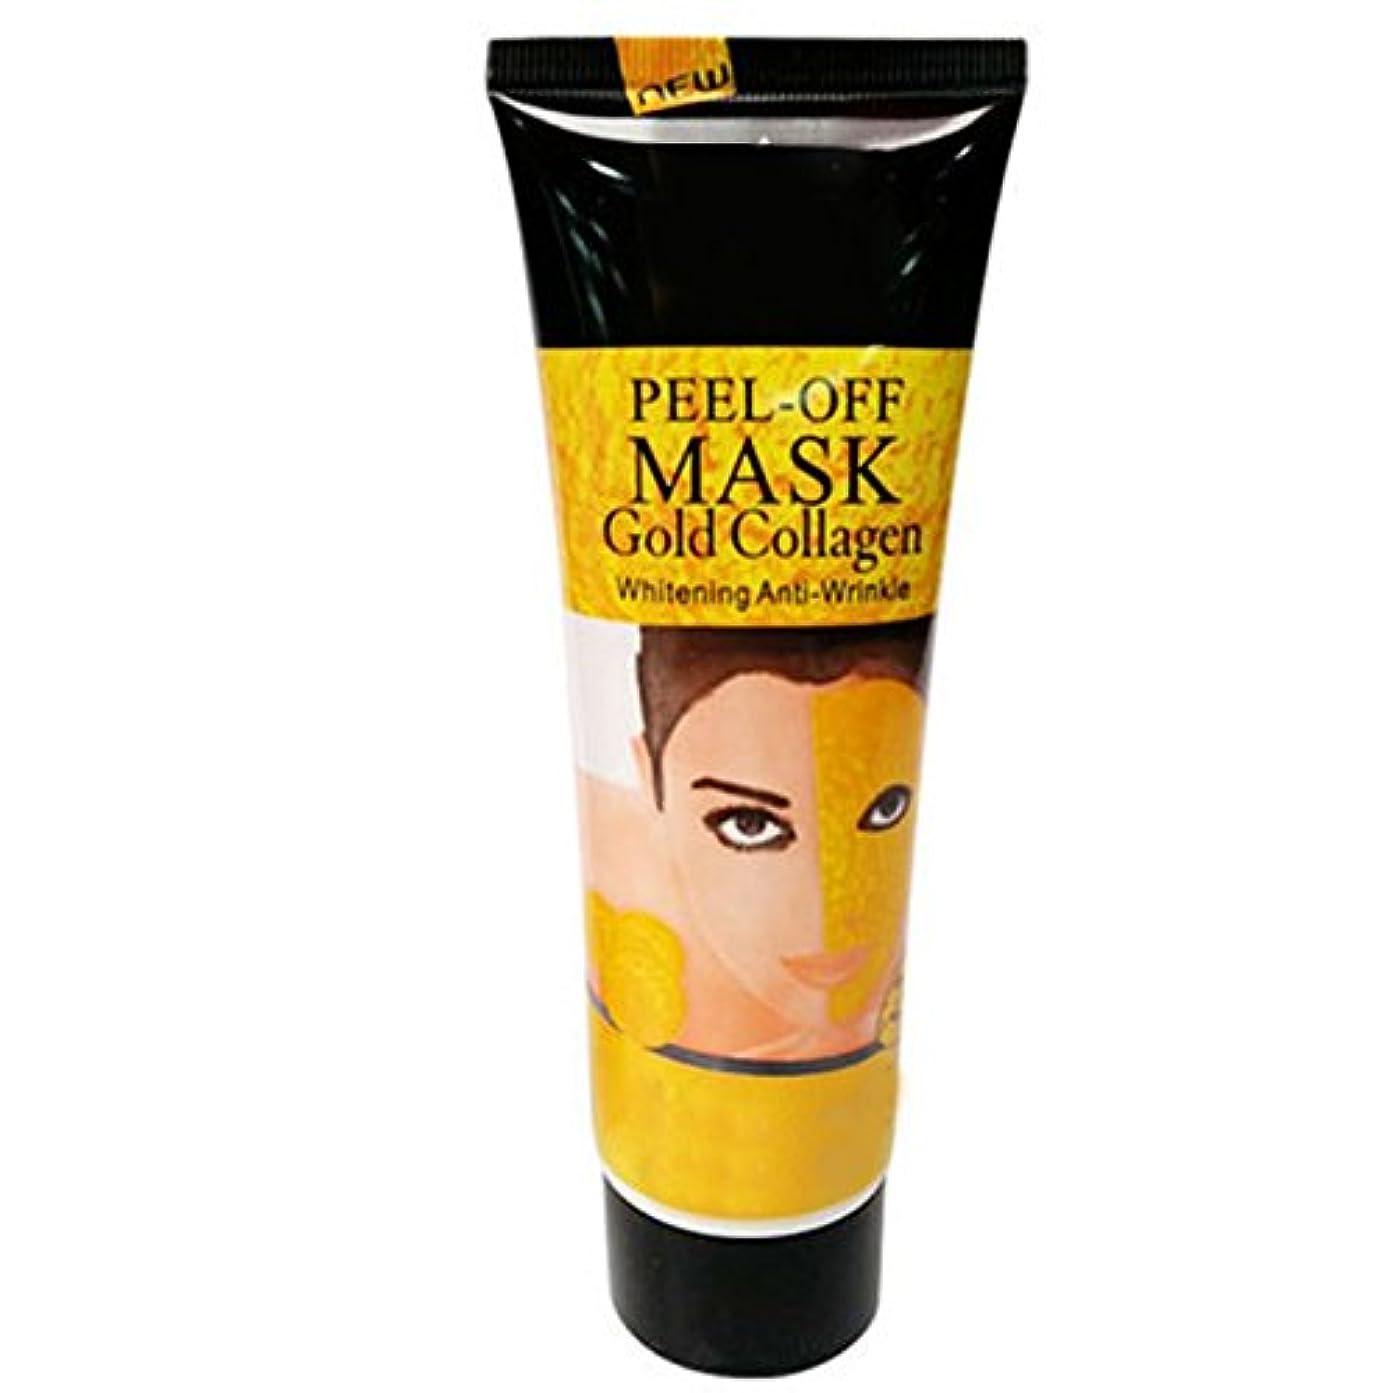 毎年つづりブラストFunwill 24Kゴールドマスク ゴールドコラーゲンパック アンチエイジングパック スキンケアマスク しわ、黒ずみ、しみなどを除き たるみ肌改善 くすみ改善 しっかりしている肌に戻る